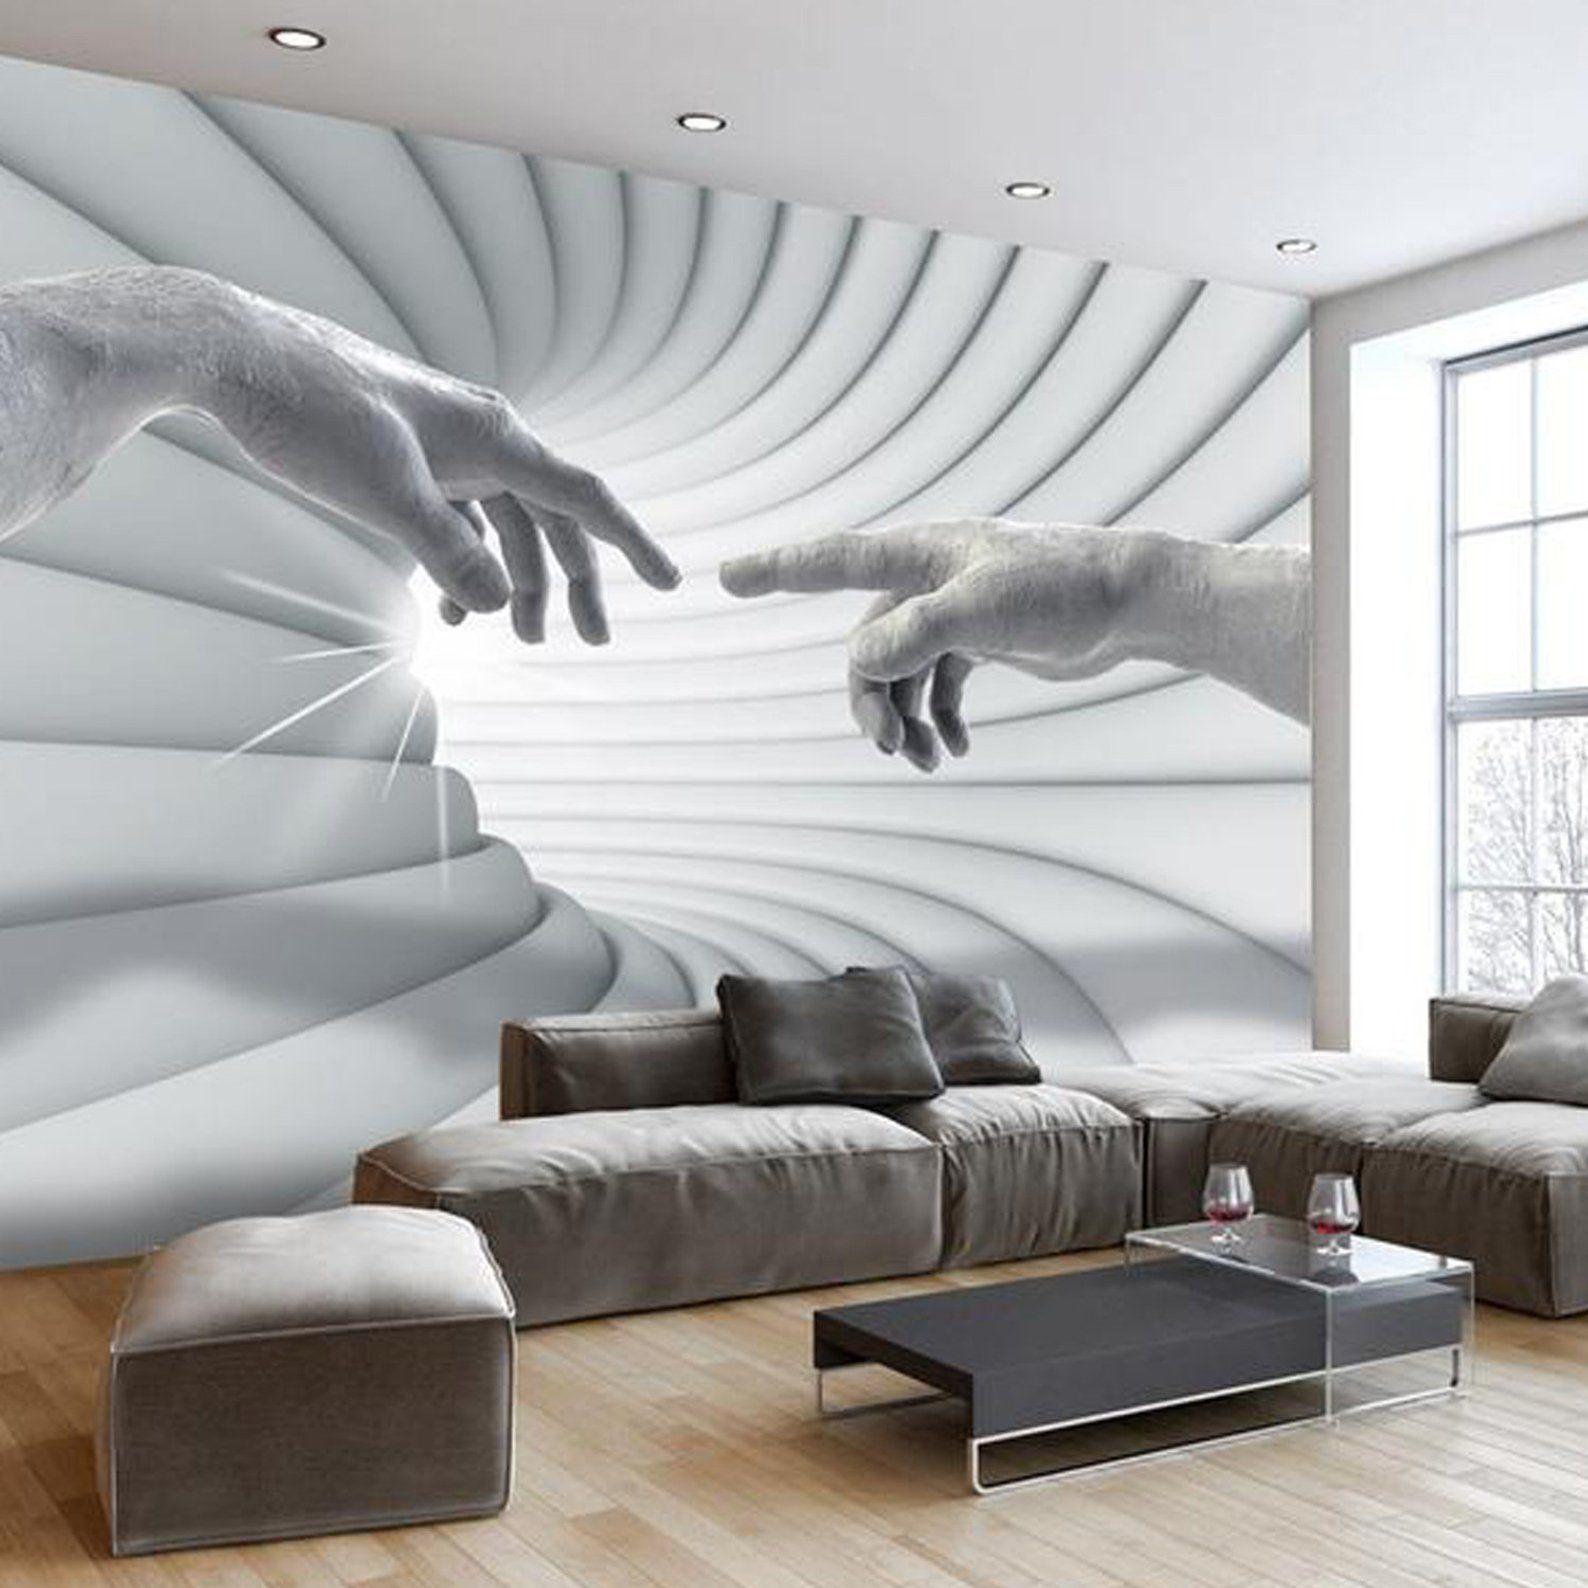 Best 3D Temporary Wallpaper 3D Wallpaper Mural Removable 640 x 480